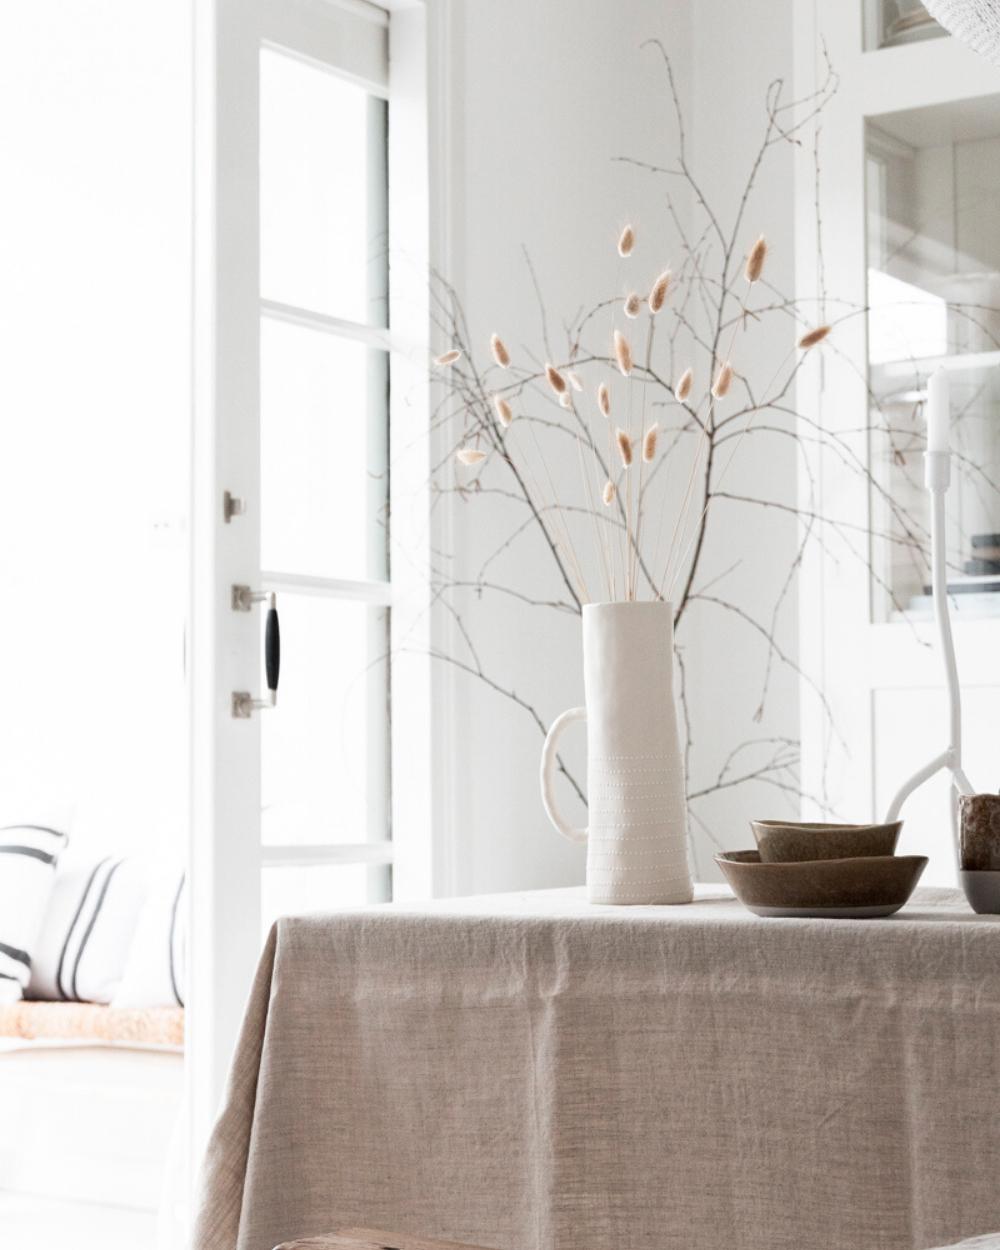 Jet at home - Met natuurlijke materialen creëer ik een fijne sfeer -staand